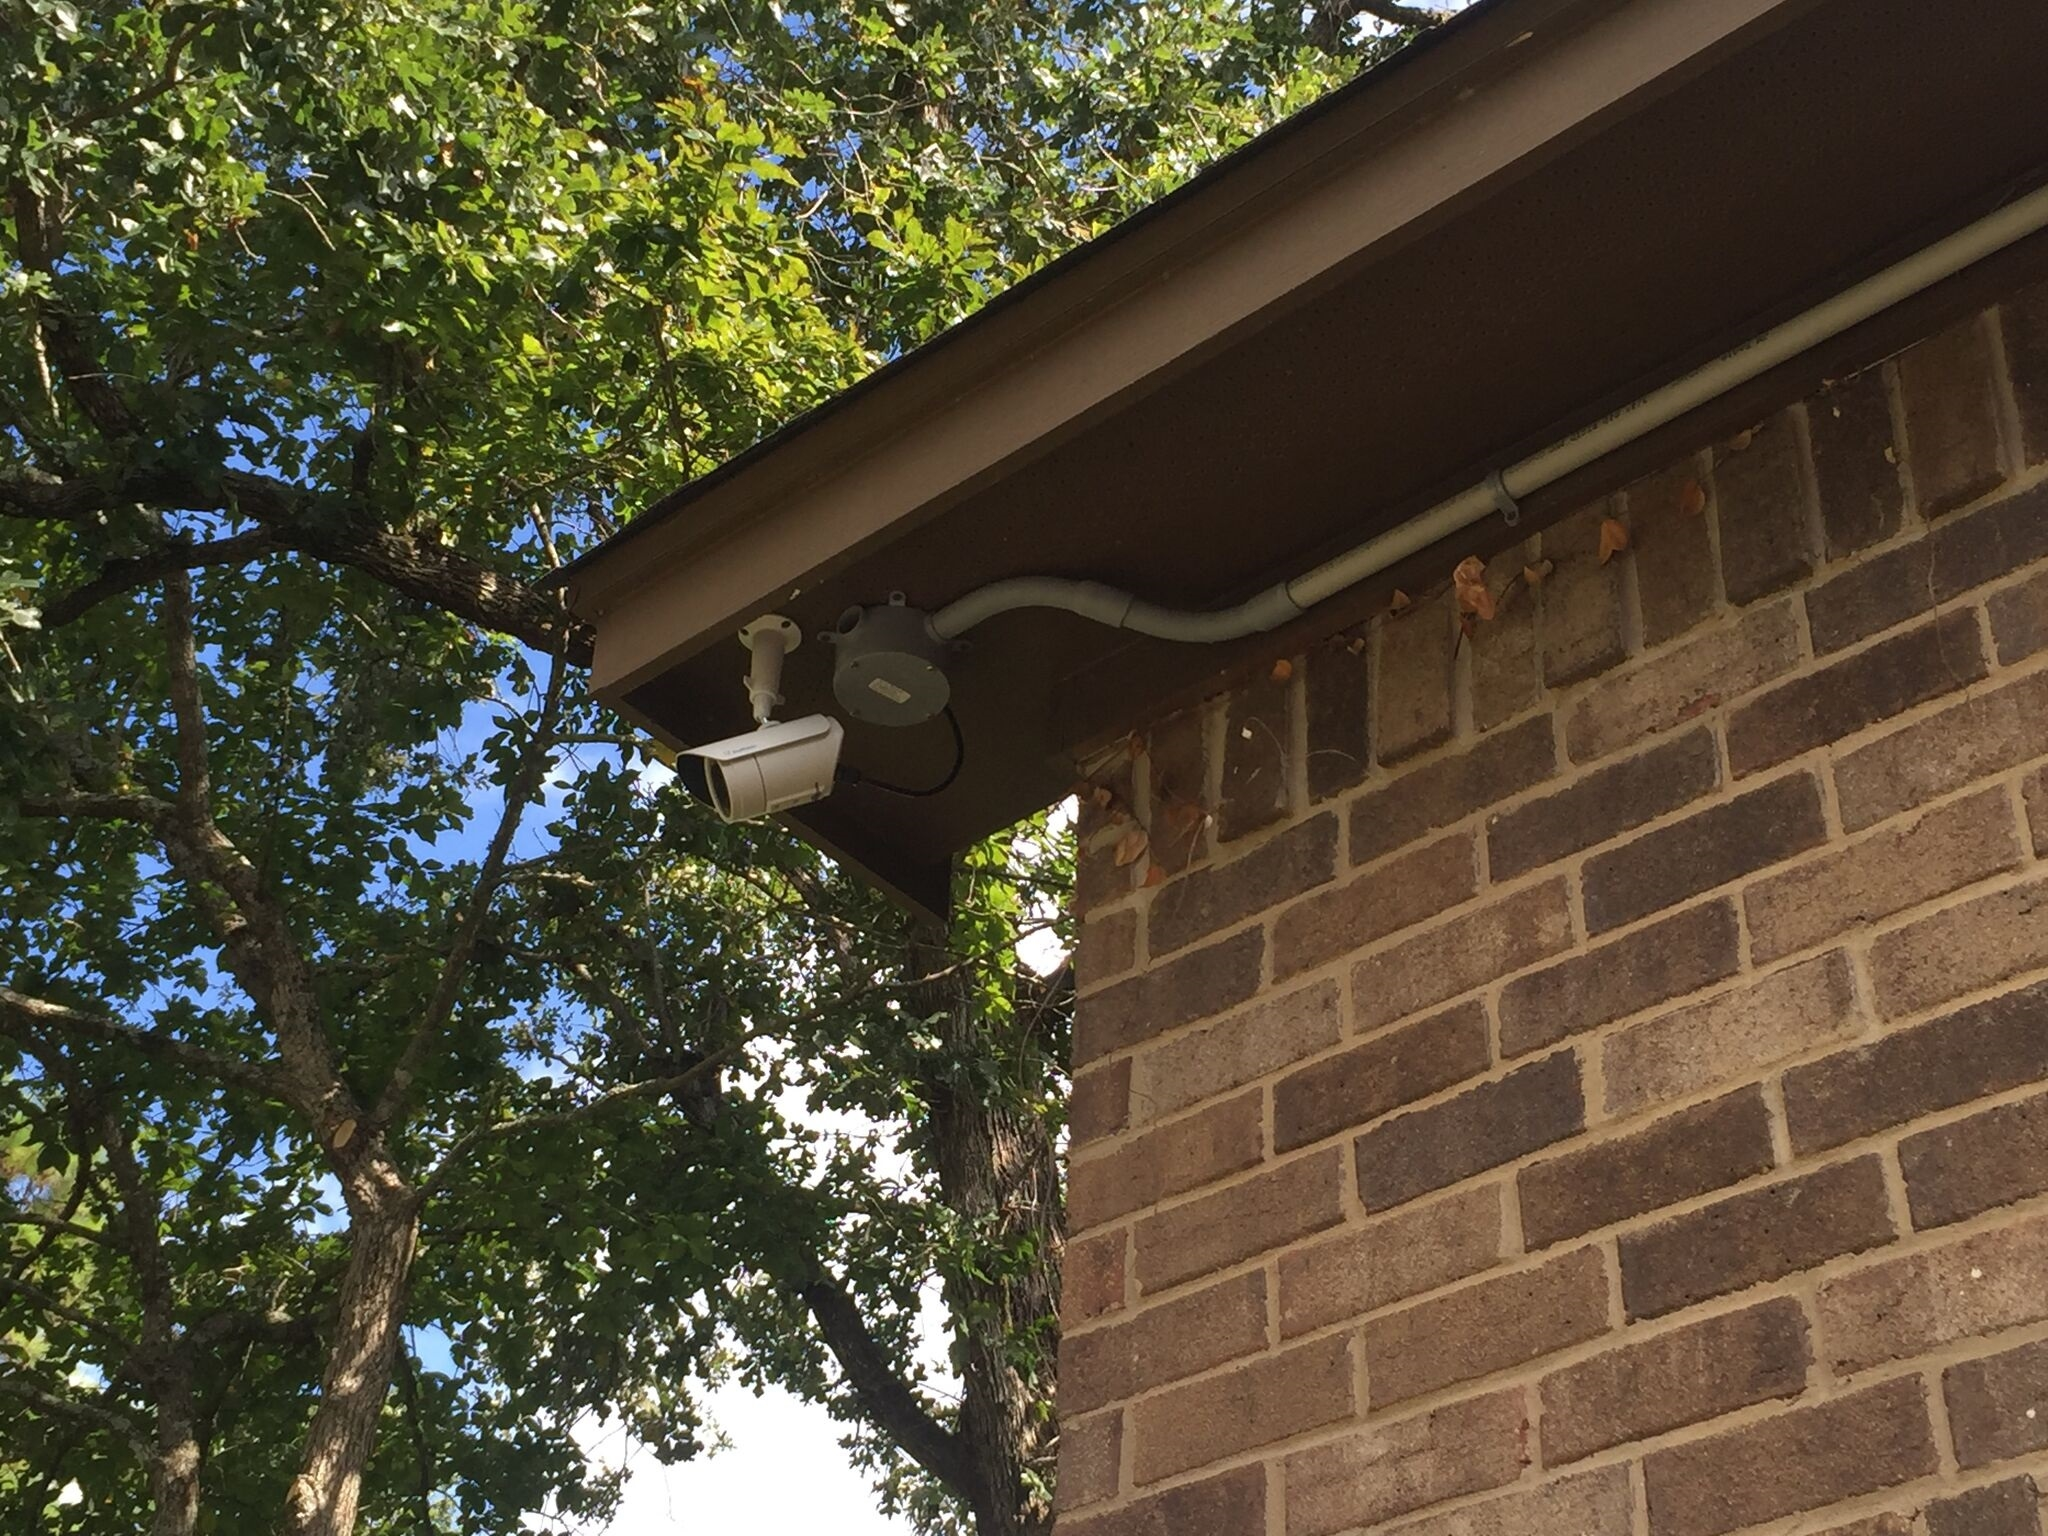 Sentry Surveillance Dallas